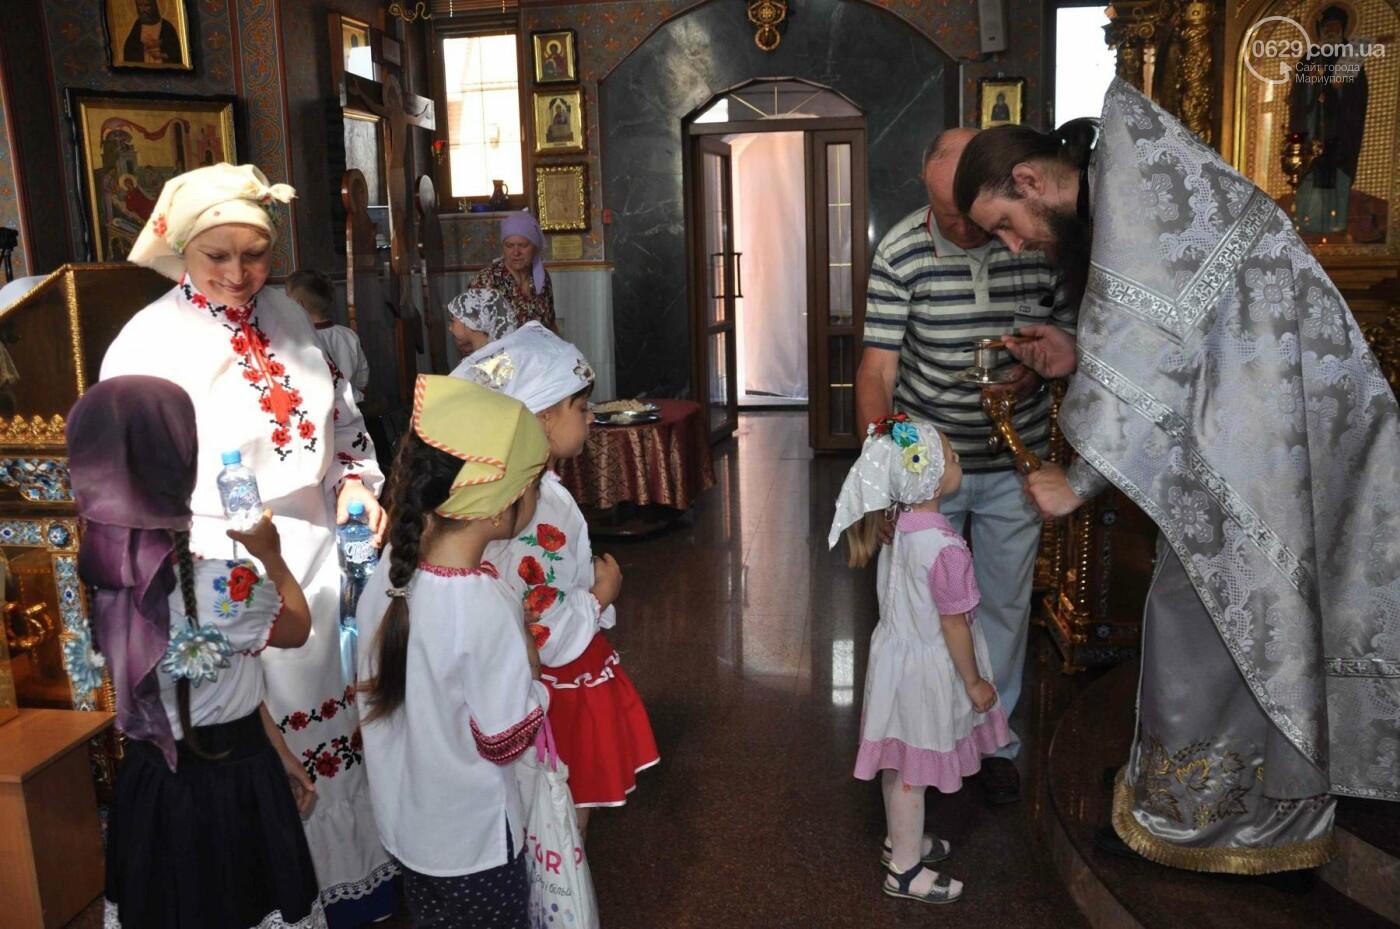 Праздник Вознесения и День вышиванки объединили прихожан в Свято-Покровском храме с.Боевое, фото-18